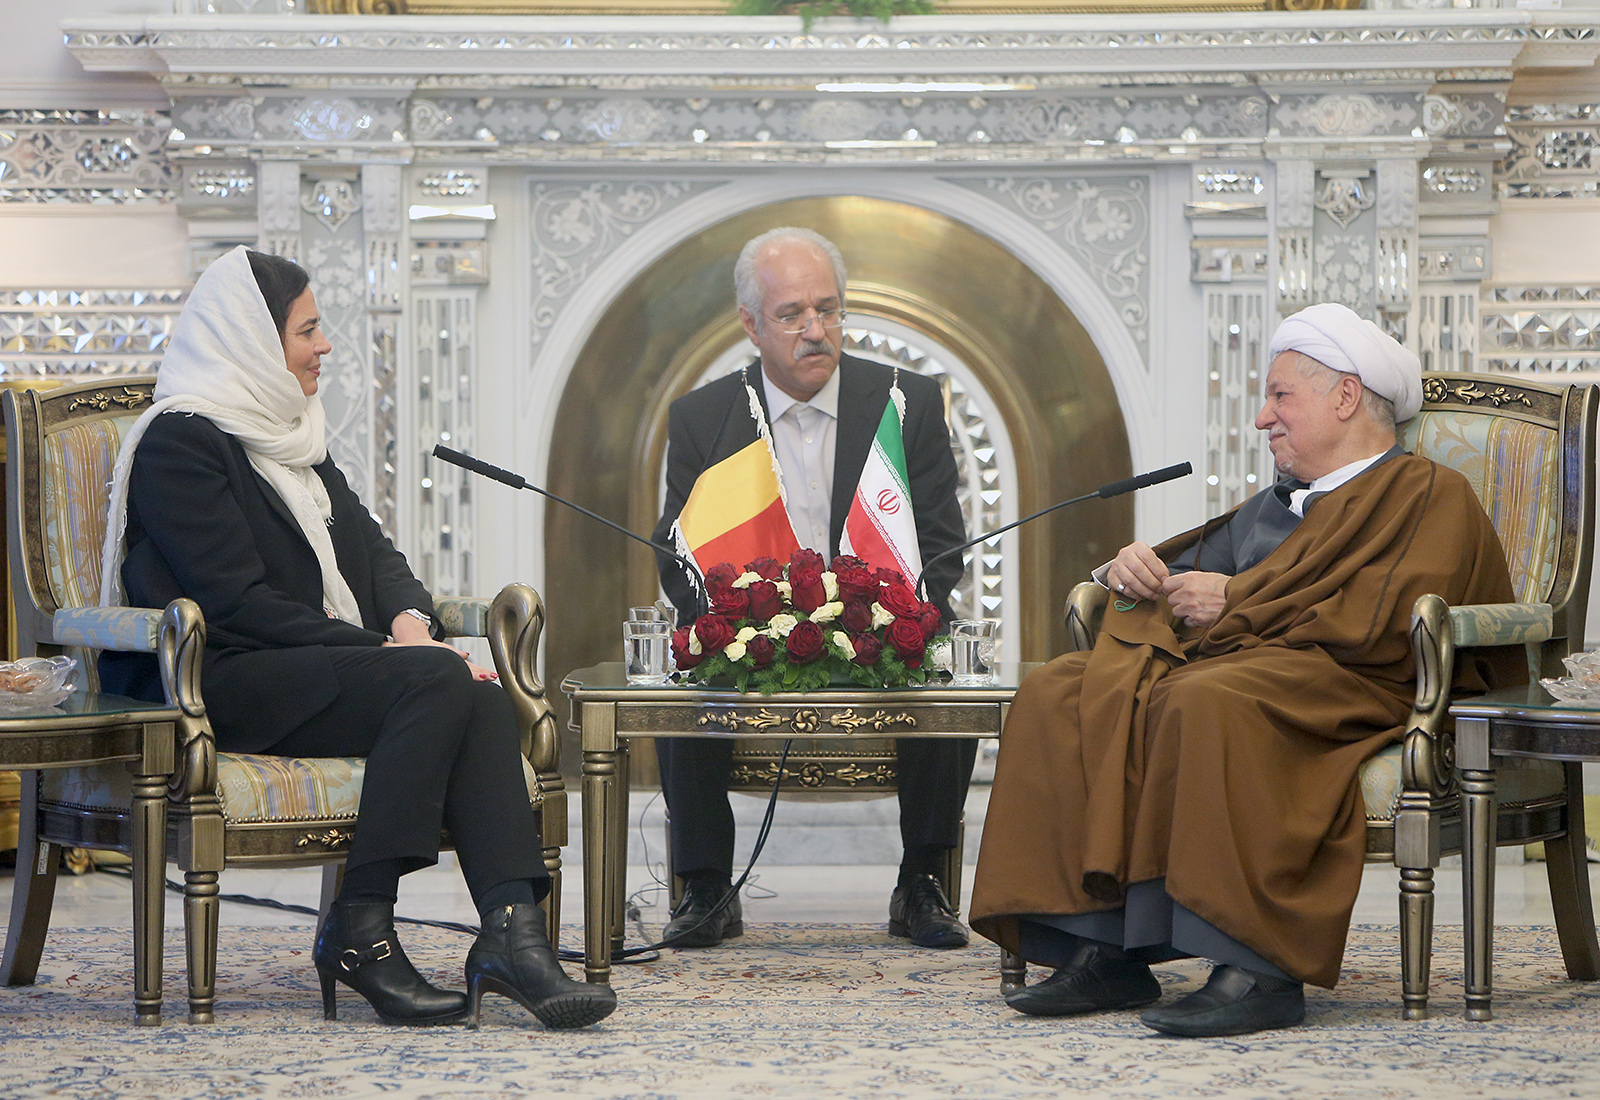 رئیس سنای بلژیک خطاب به هاشمی: شما از فرزانگان ایران هستید/باید برای عملیاتیشدن برجام تلاش کنیم